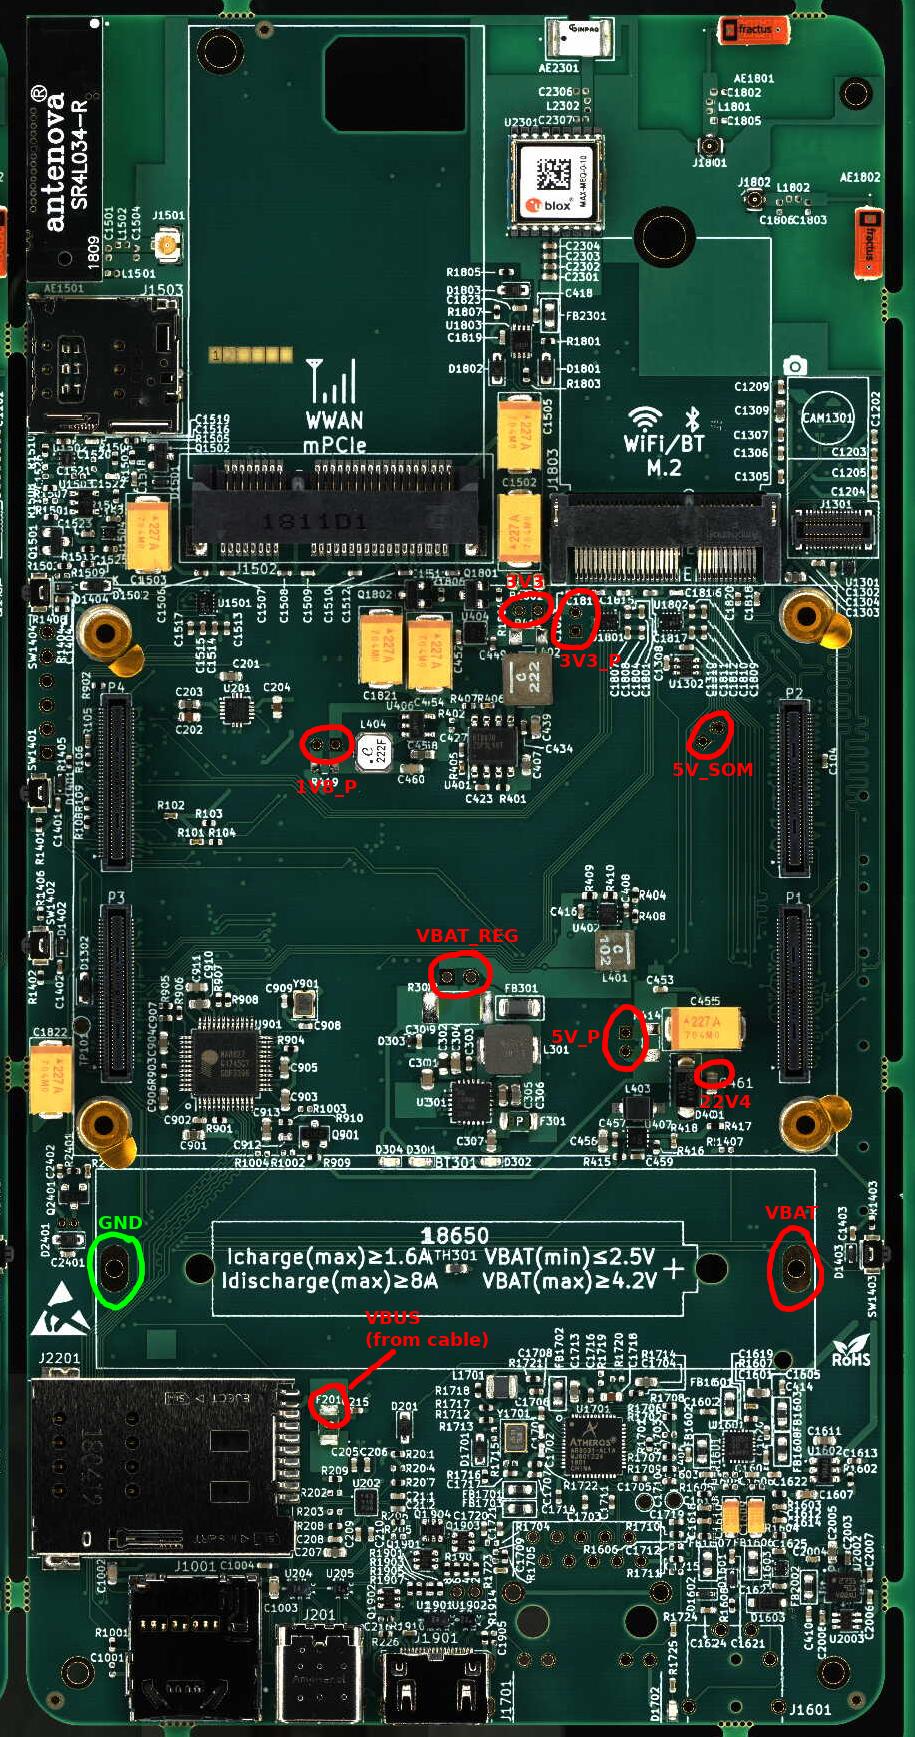 pics/voltage-points.png